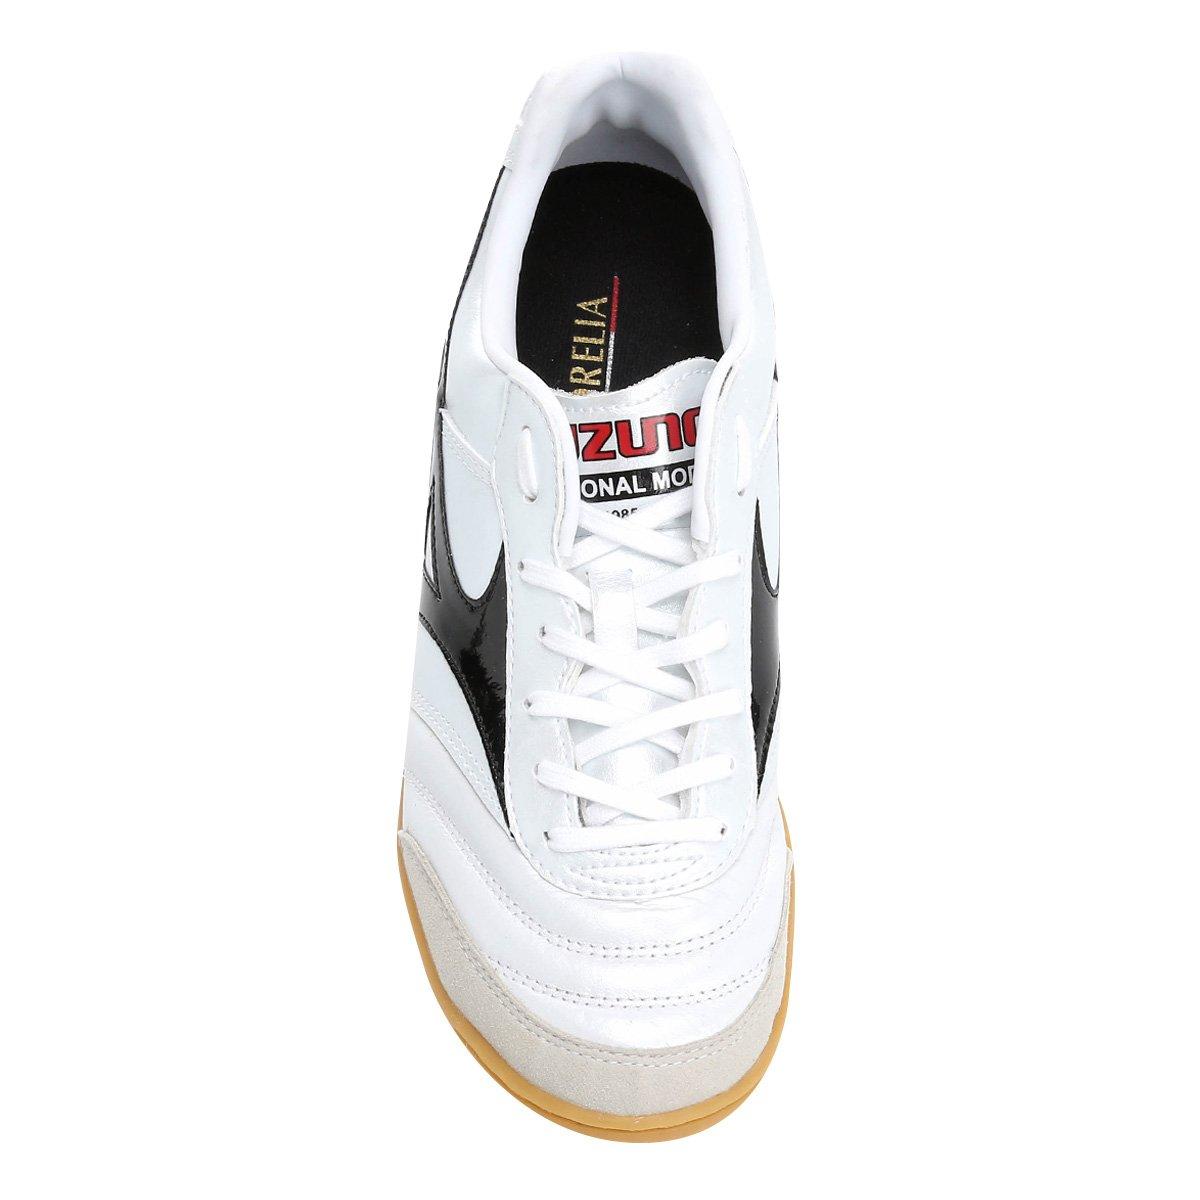 Chuteira Futsal Mizuno Morelia Elite IN 2 - Branco e Preto - Compre ... 1f473741e6738